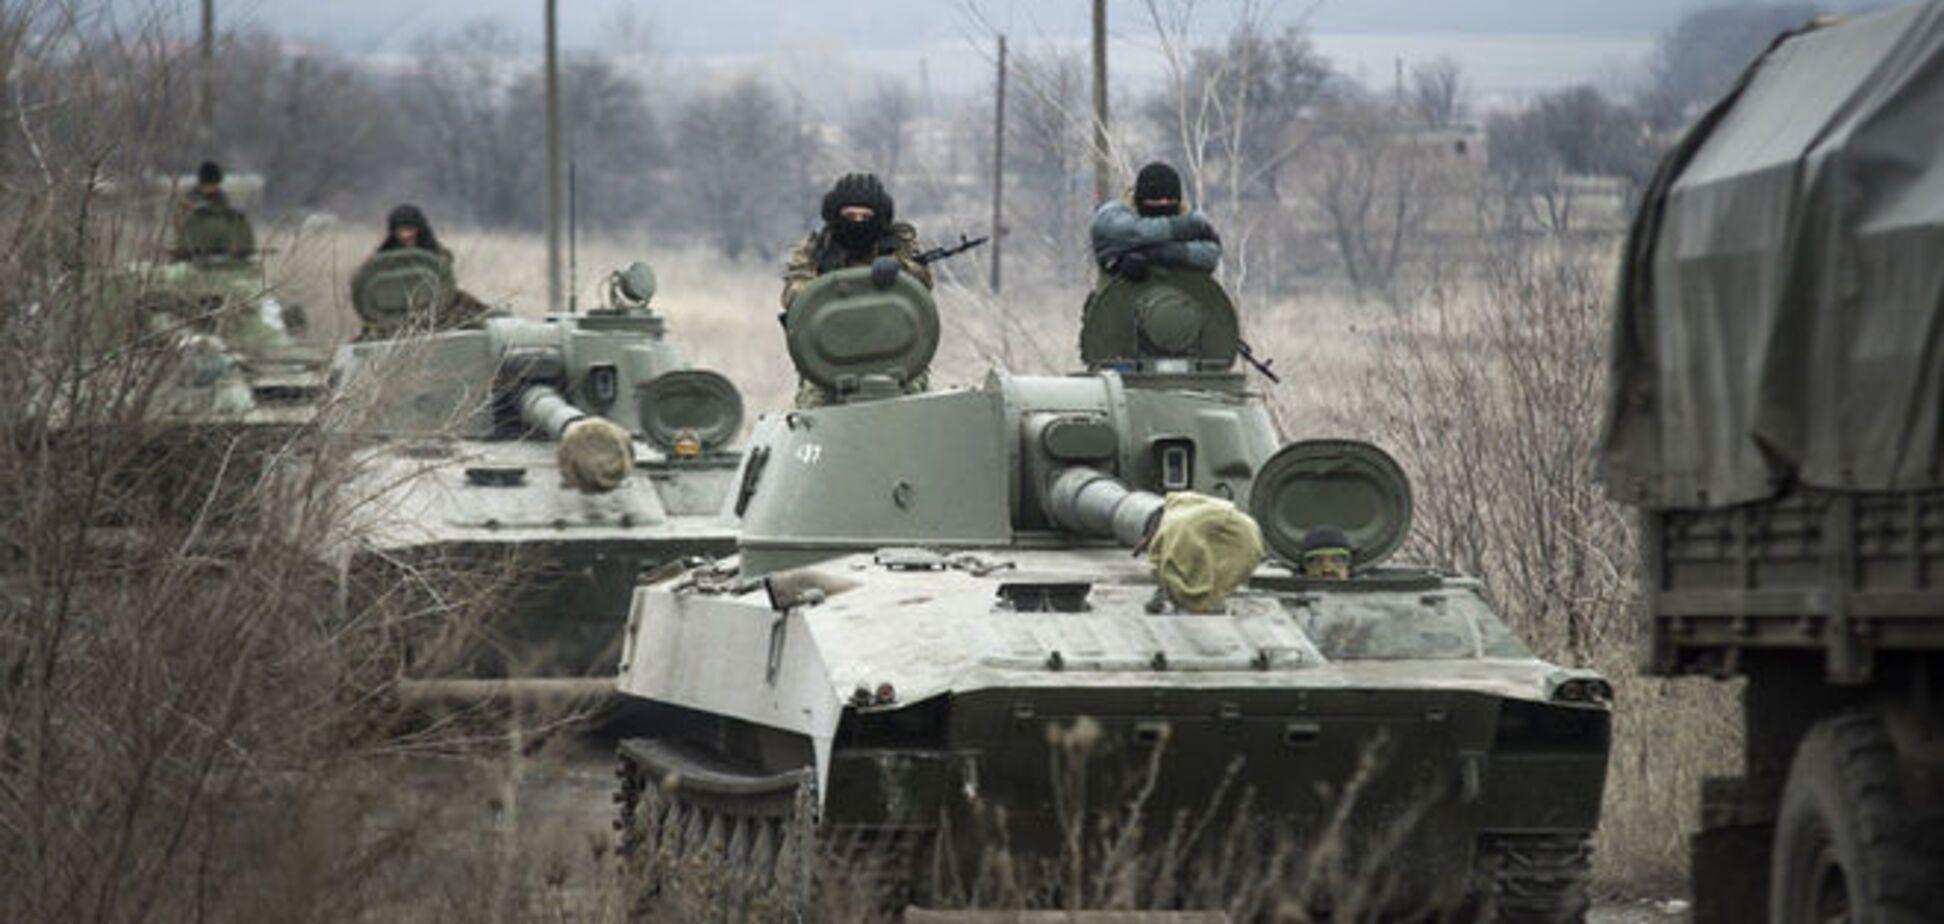 Новые конфликты в рядах боевиков: казаки ожидают 'зачистки', экс-милиционеры враждуют с уголовниками